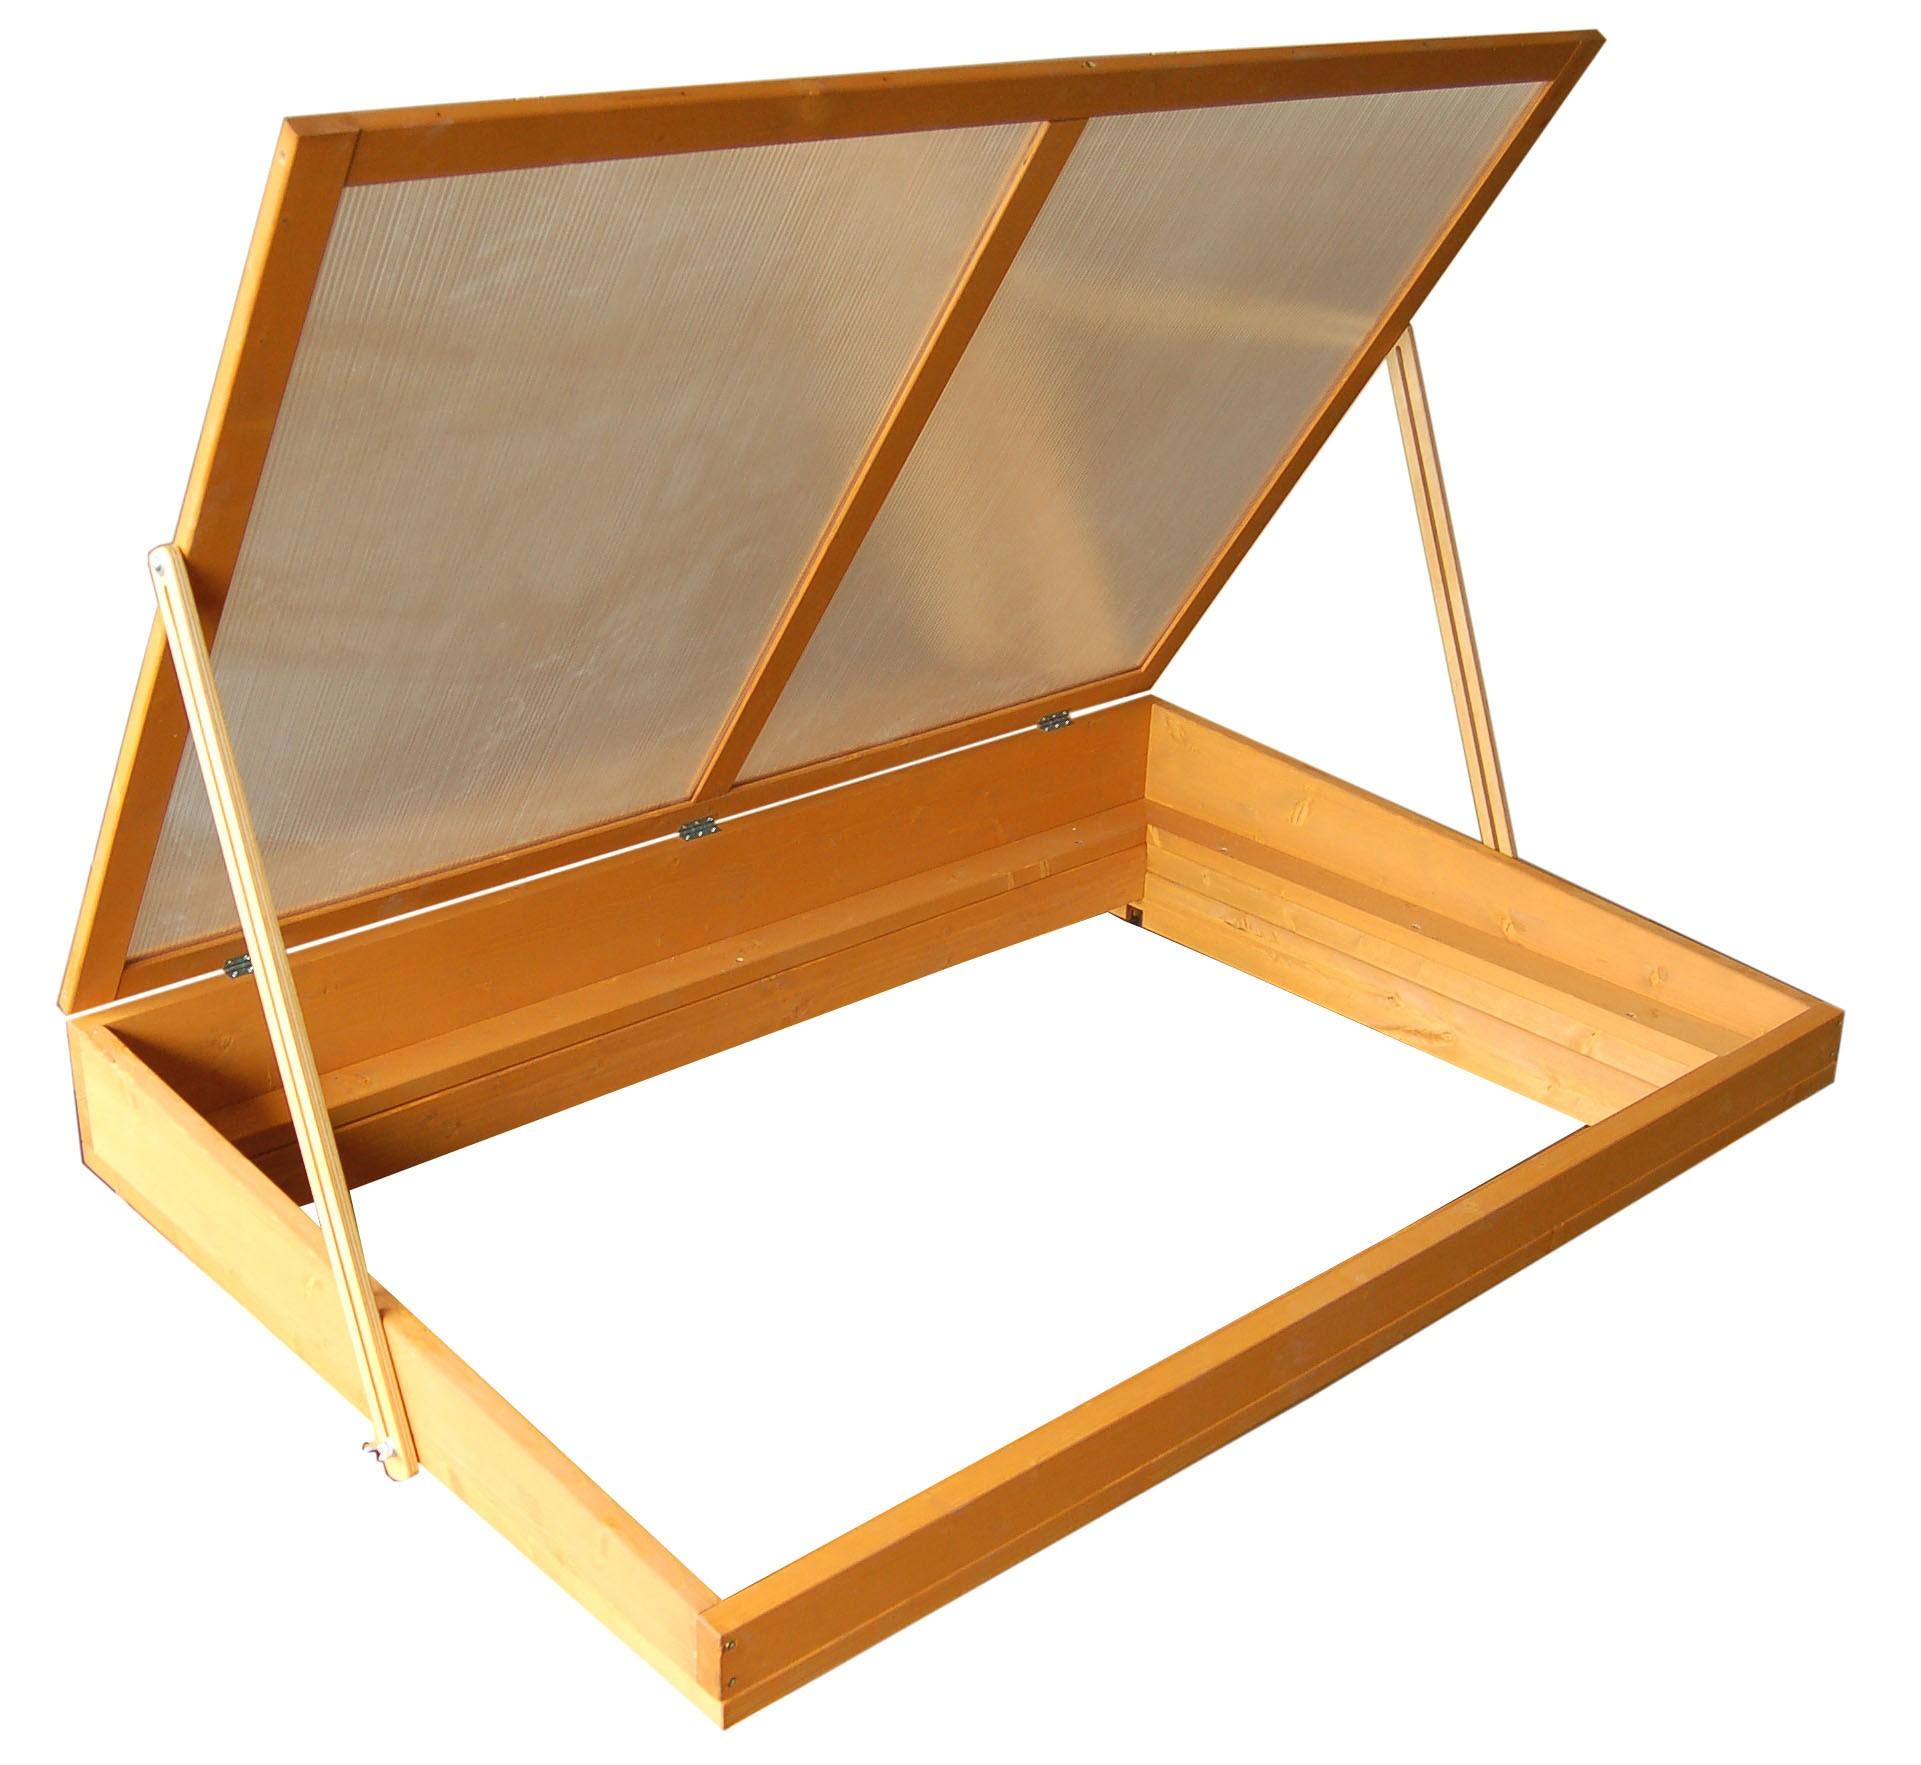 fr hbeetaufsatz f r hochbeet classic impr gniert 150cm bei. Black Bedroom Furniture Sets. Home Design Ideas